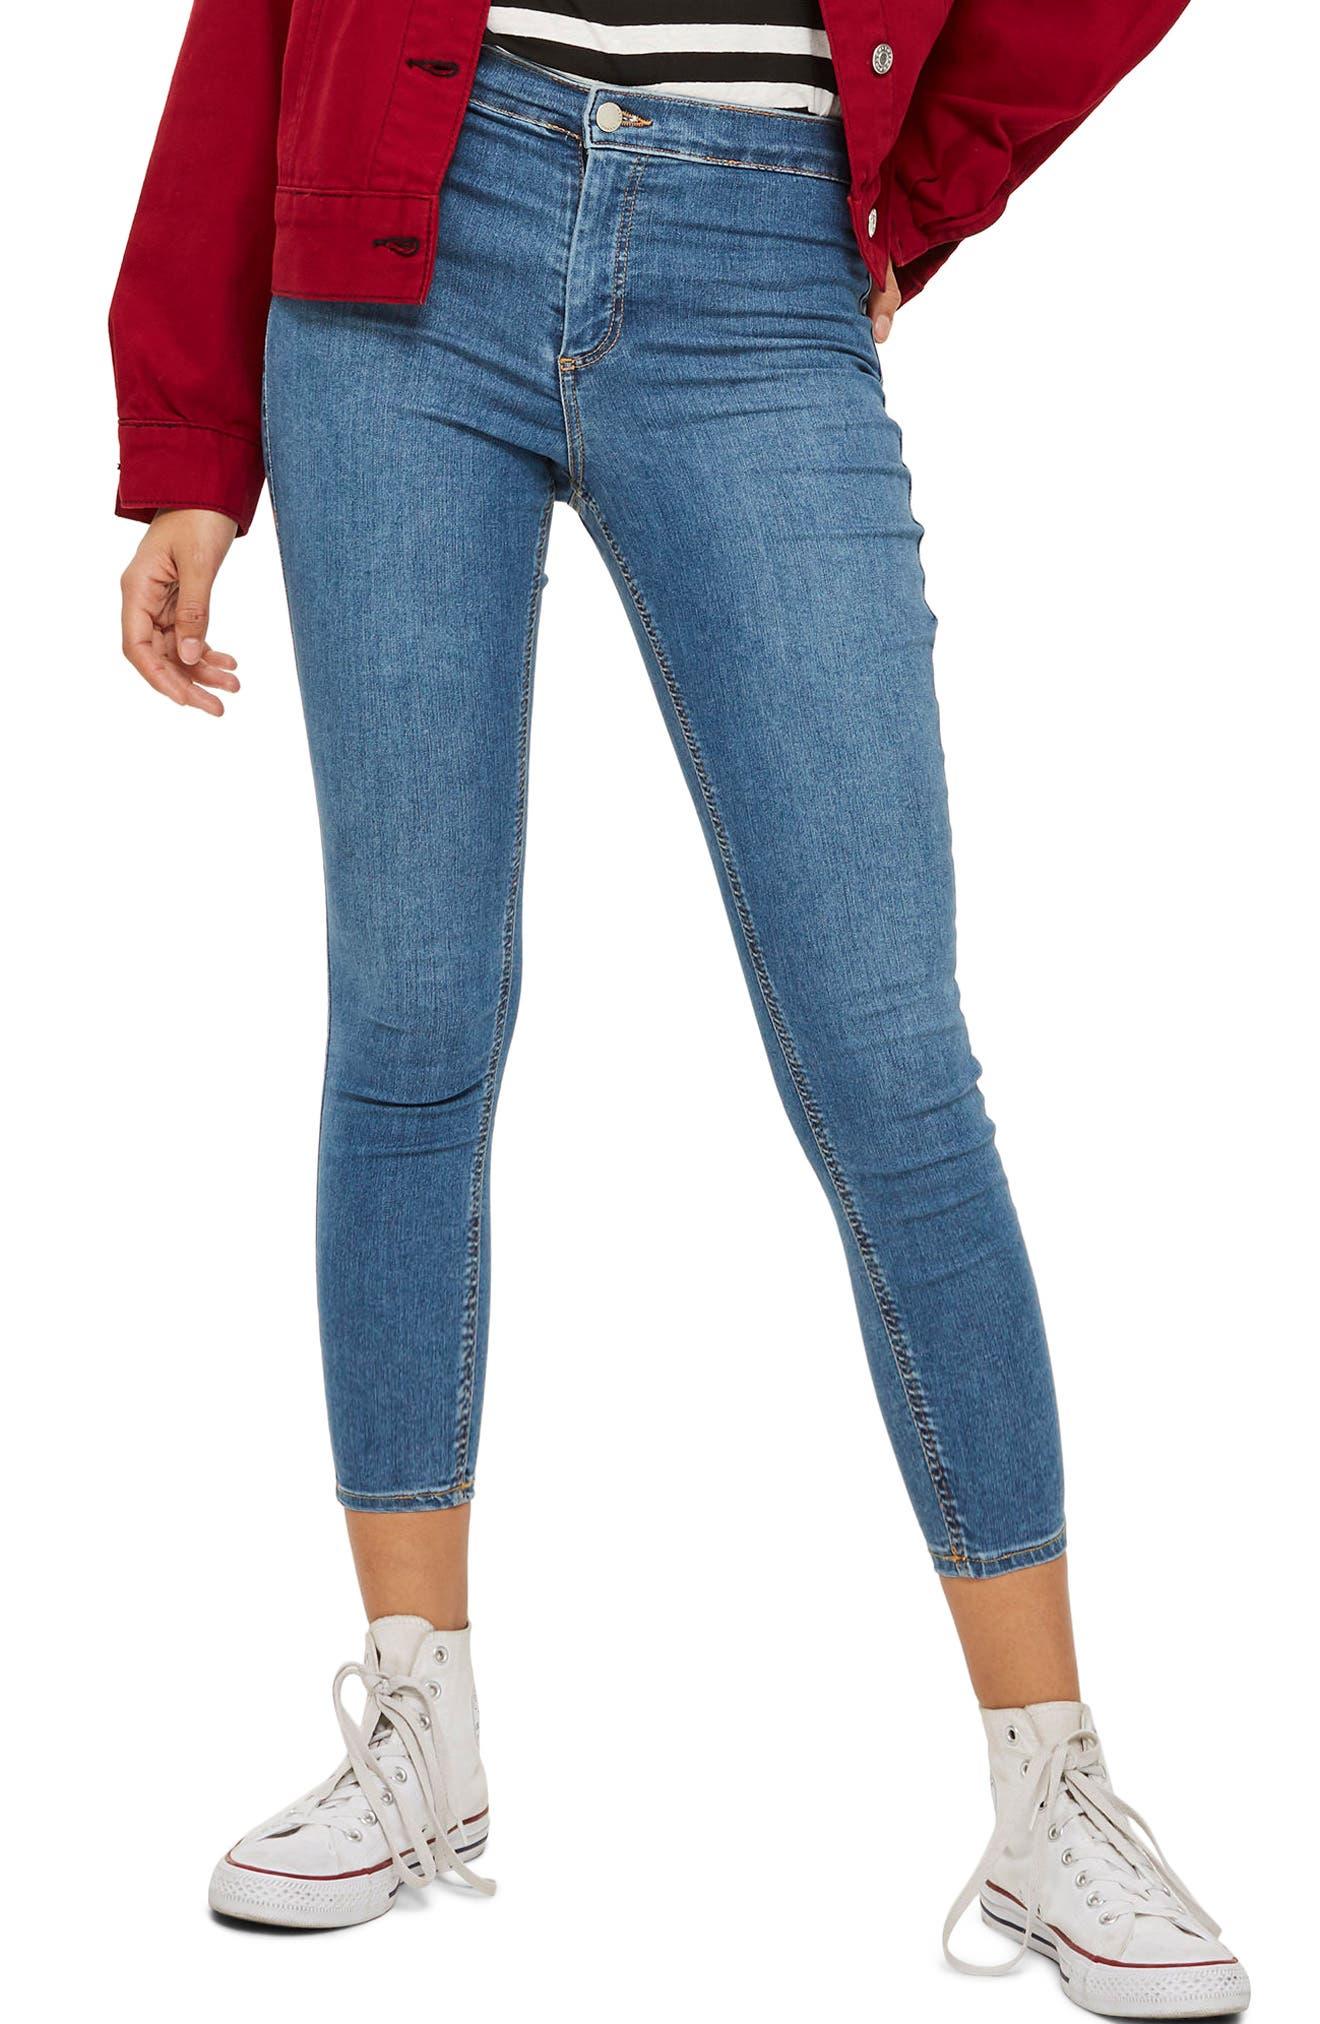 Joni Skinny Jeans,                             Main thumbnail 1, color,                             MID DENIM